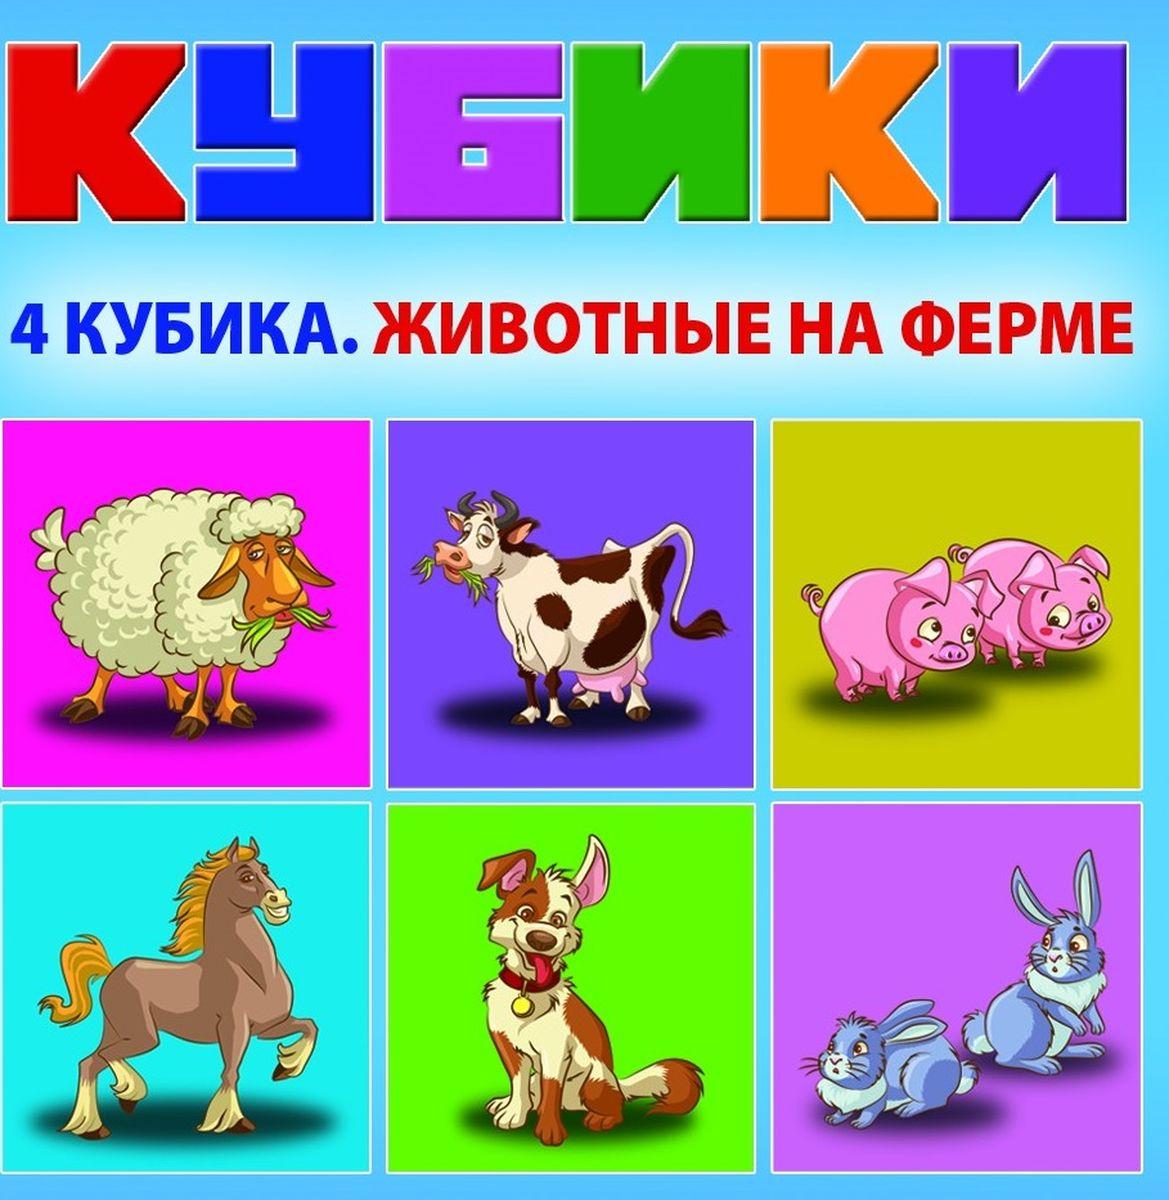 Dream Makers Набор кубиков Животные на фермеKB1603Развивающие кубики для детей. Набор предназначен для детей от 3 лет. Состав: 4 кубика.